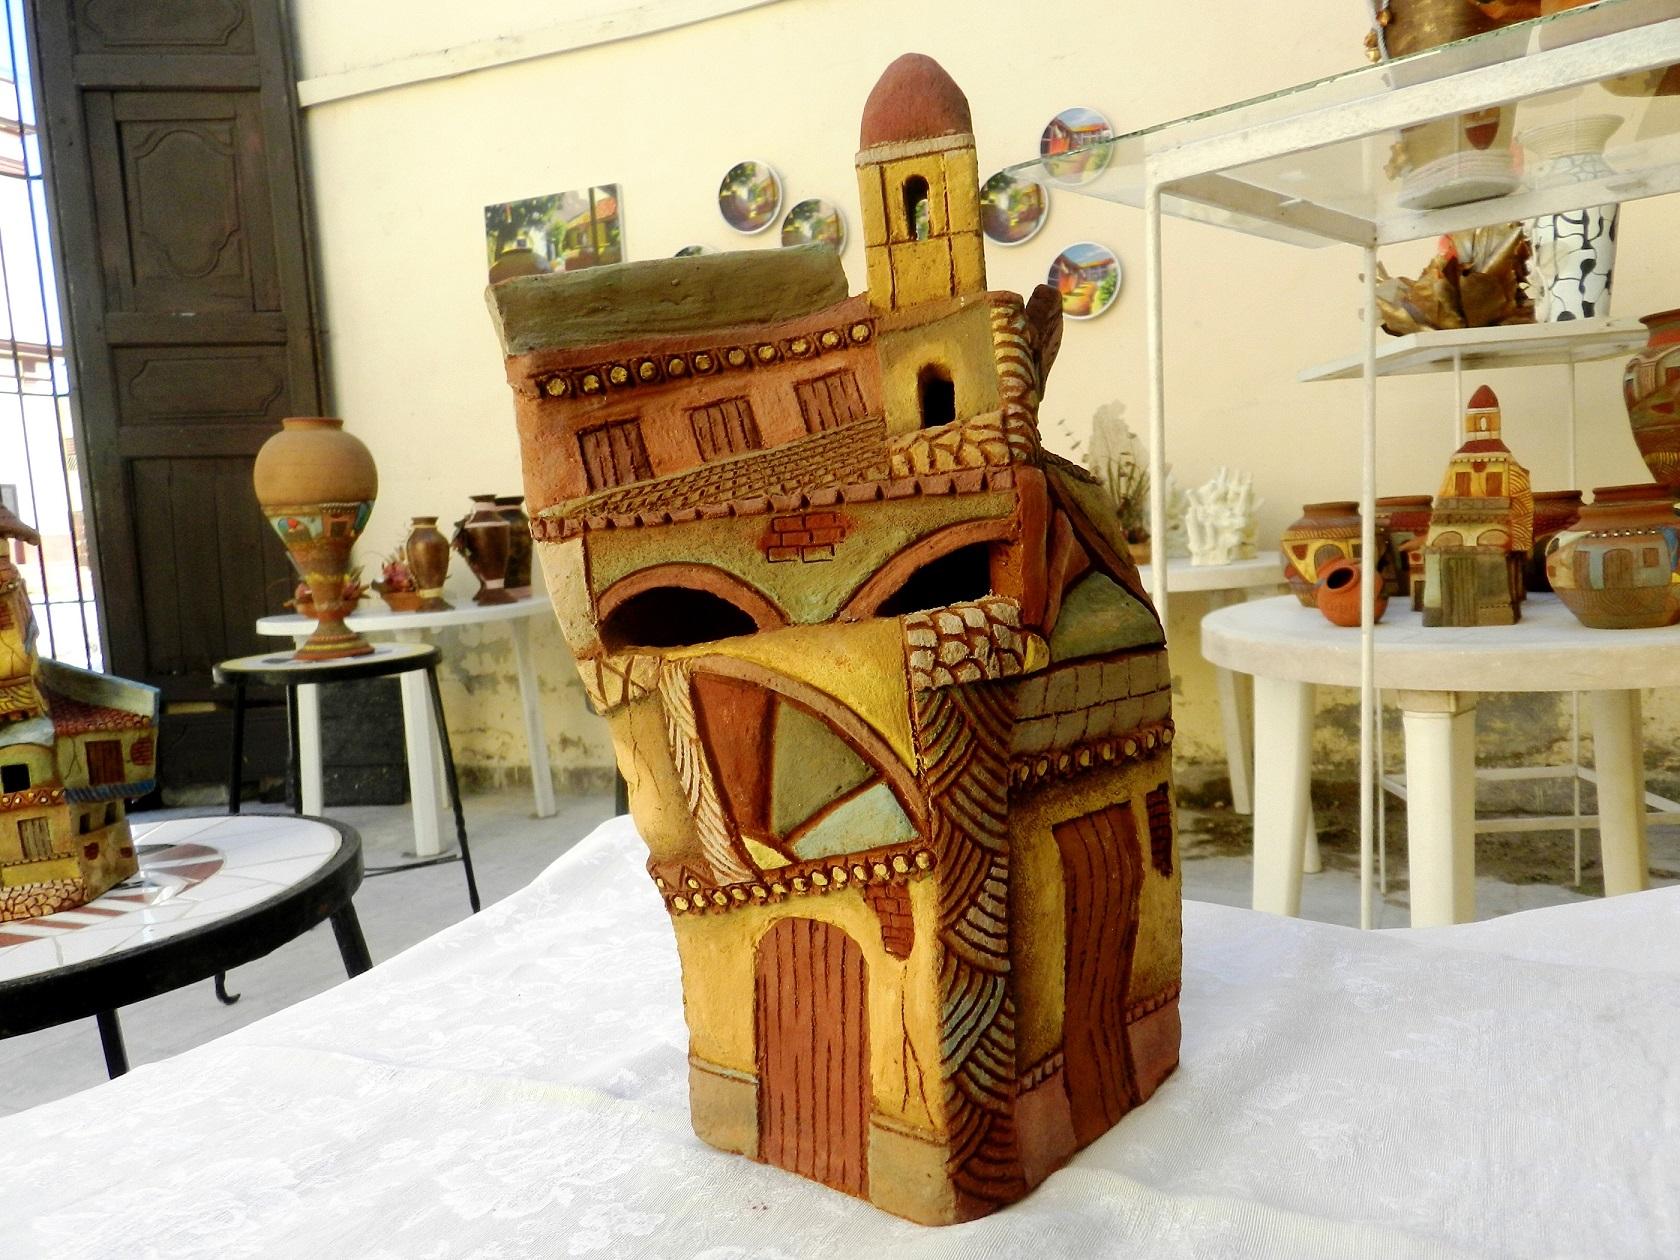 Guerra López refleja desde el arte cerámico la historia arquitectónica y natural de una de las urbes más antiguas de América